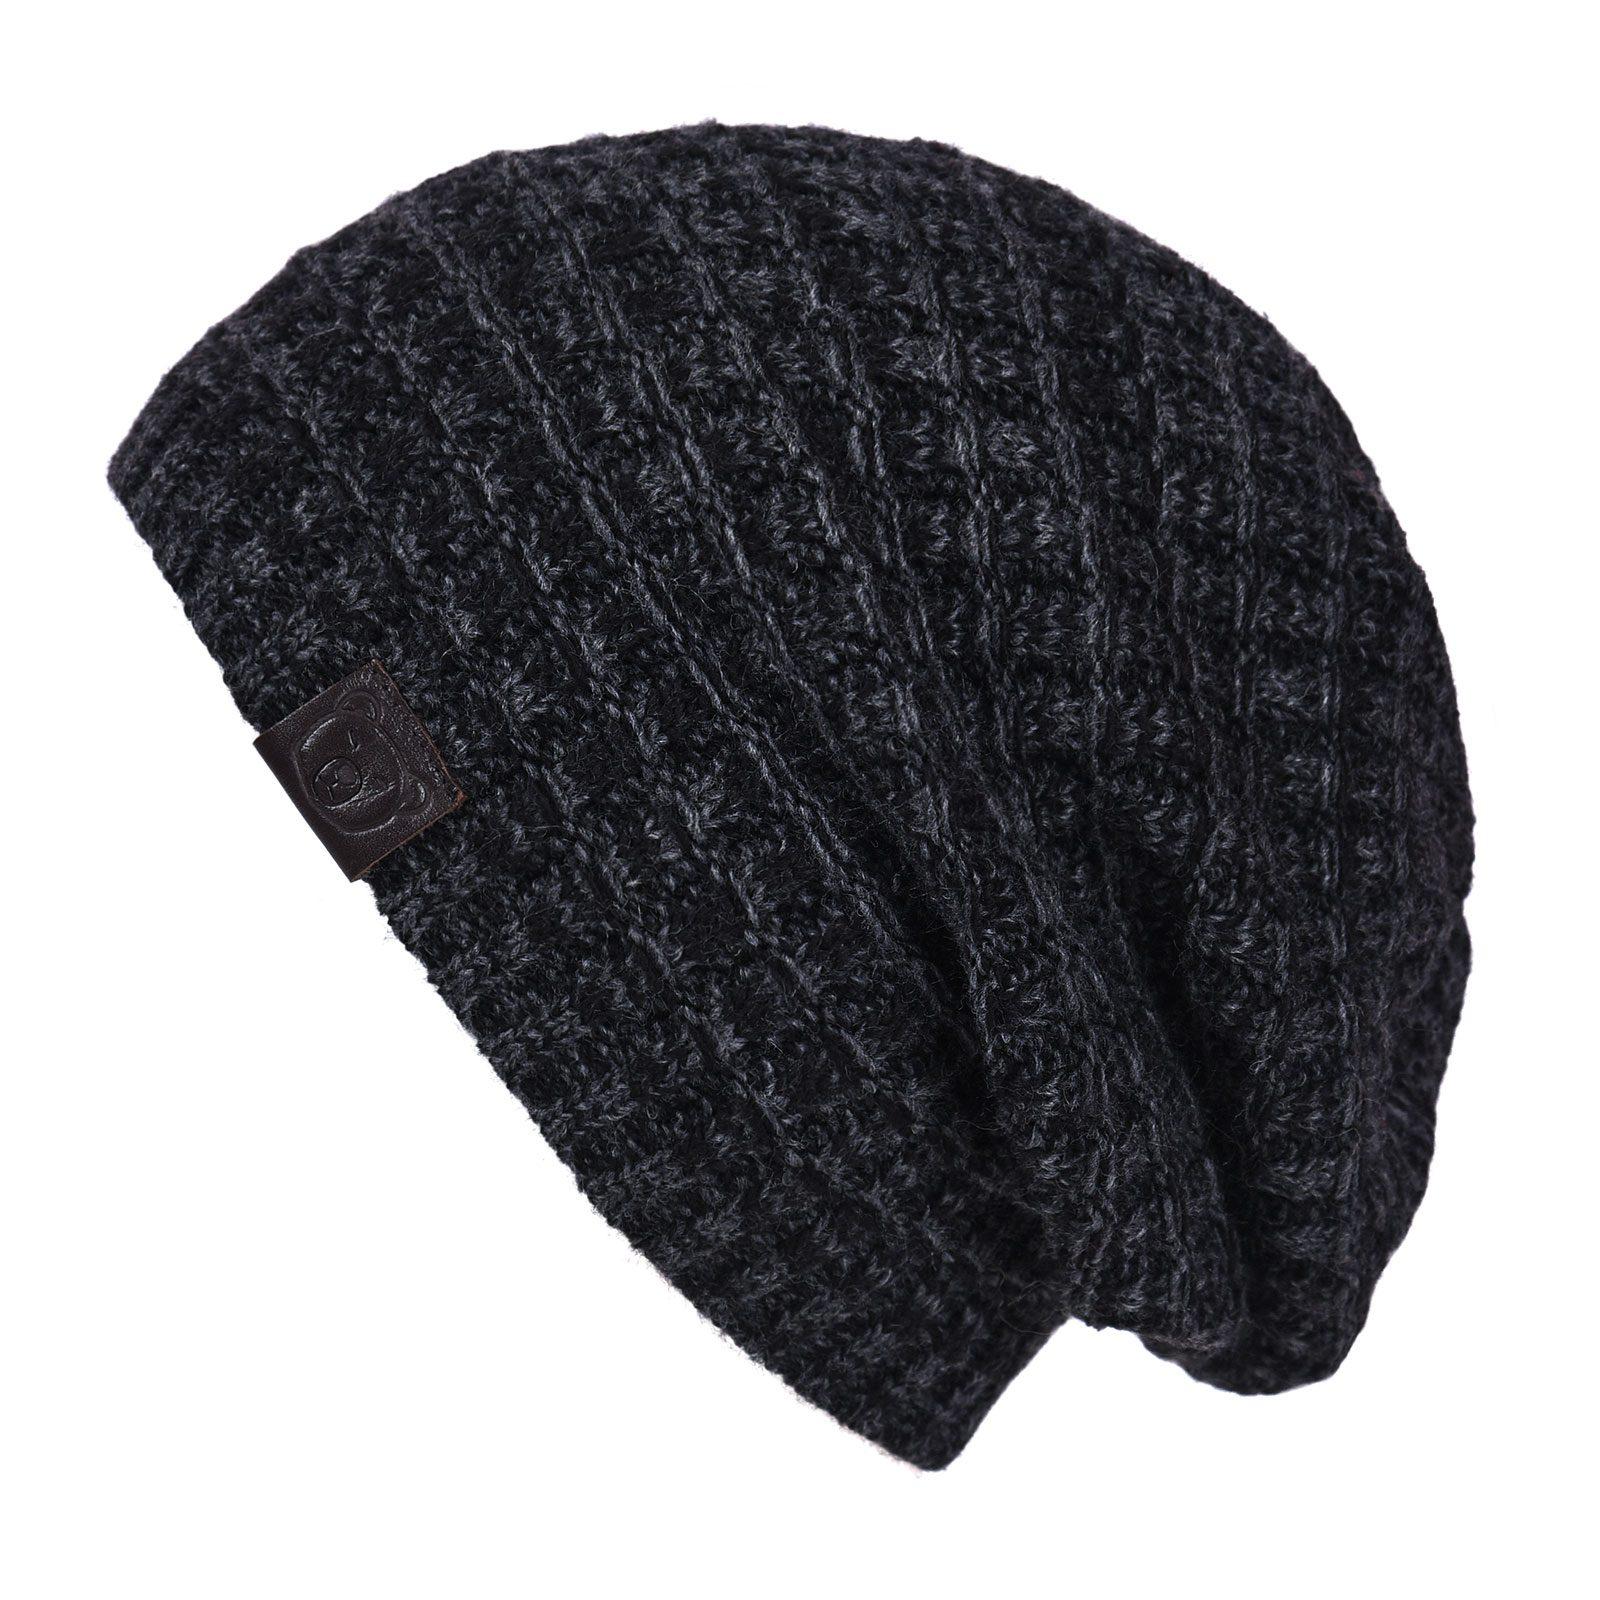 http://lookbook.allee-du-foulard.fr/wp-content/uploads/2018/11/CP-01042-GH16-bonnet-court-homme-noir-1600x1600.jpg